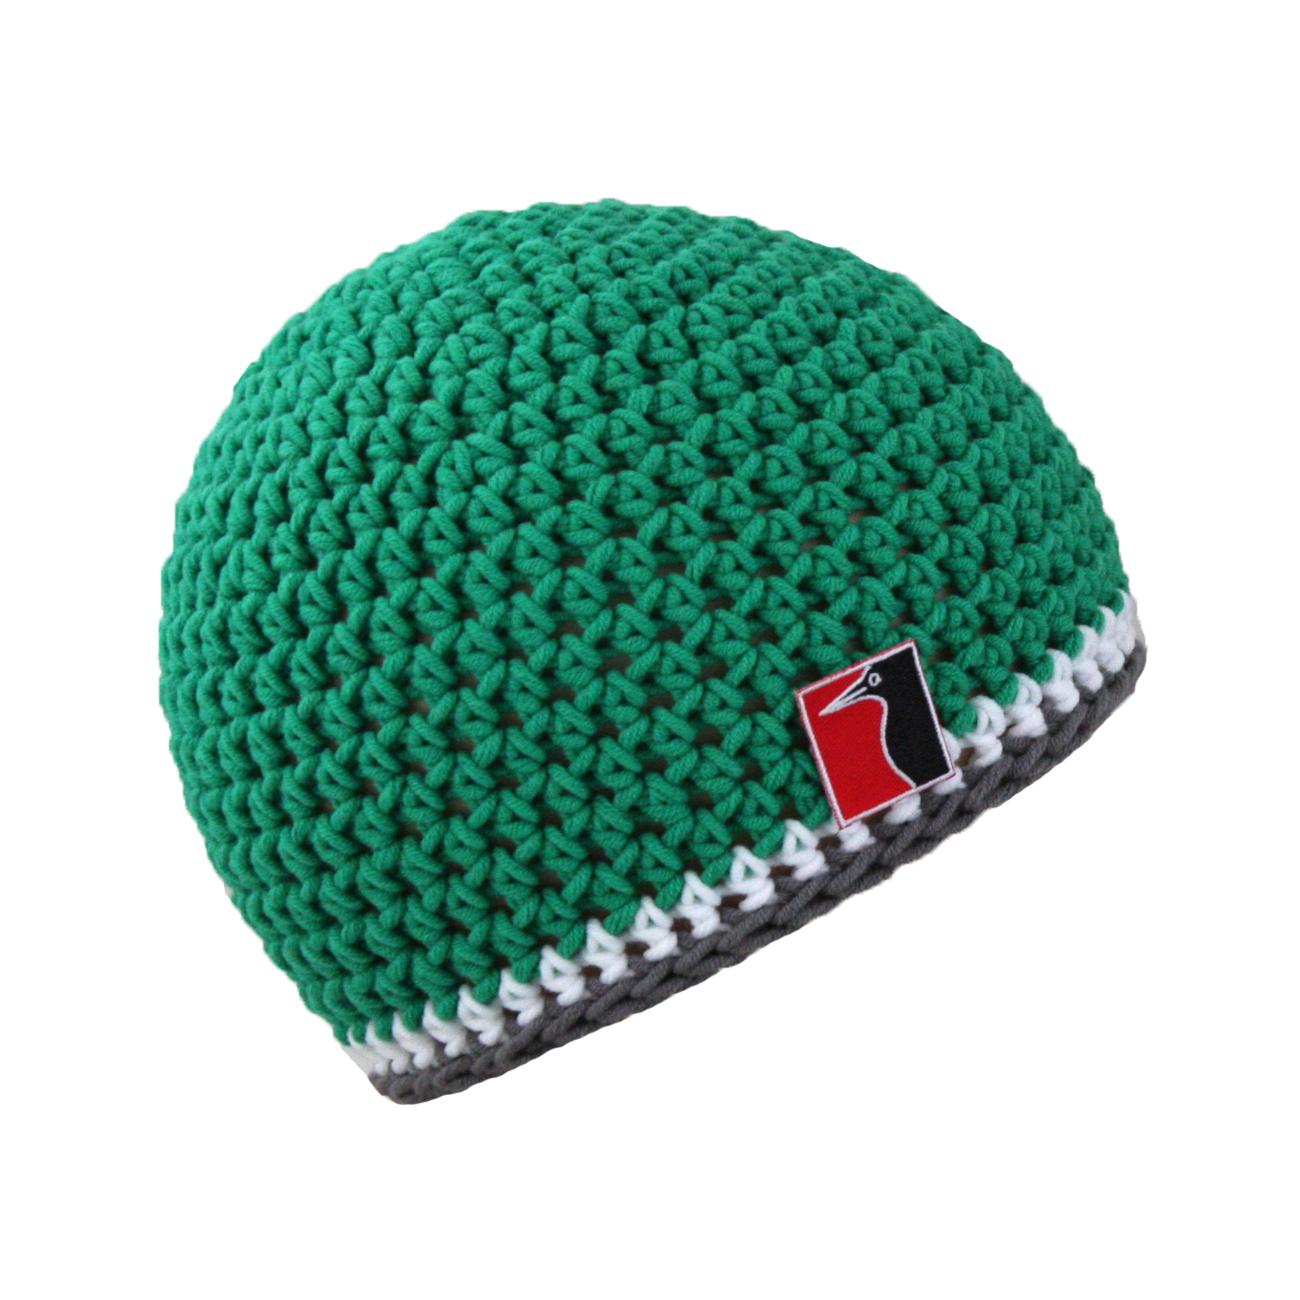 gehäkelte Sommermütze grün Streifen weiss grau